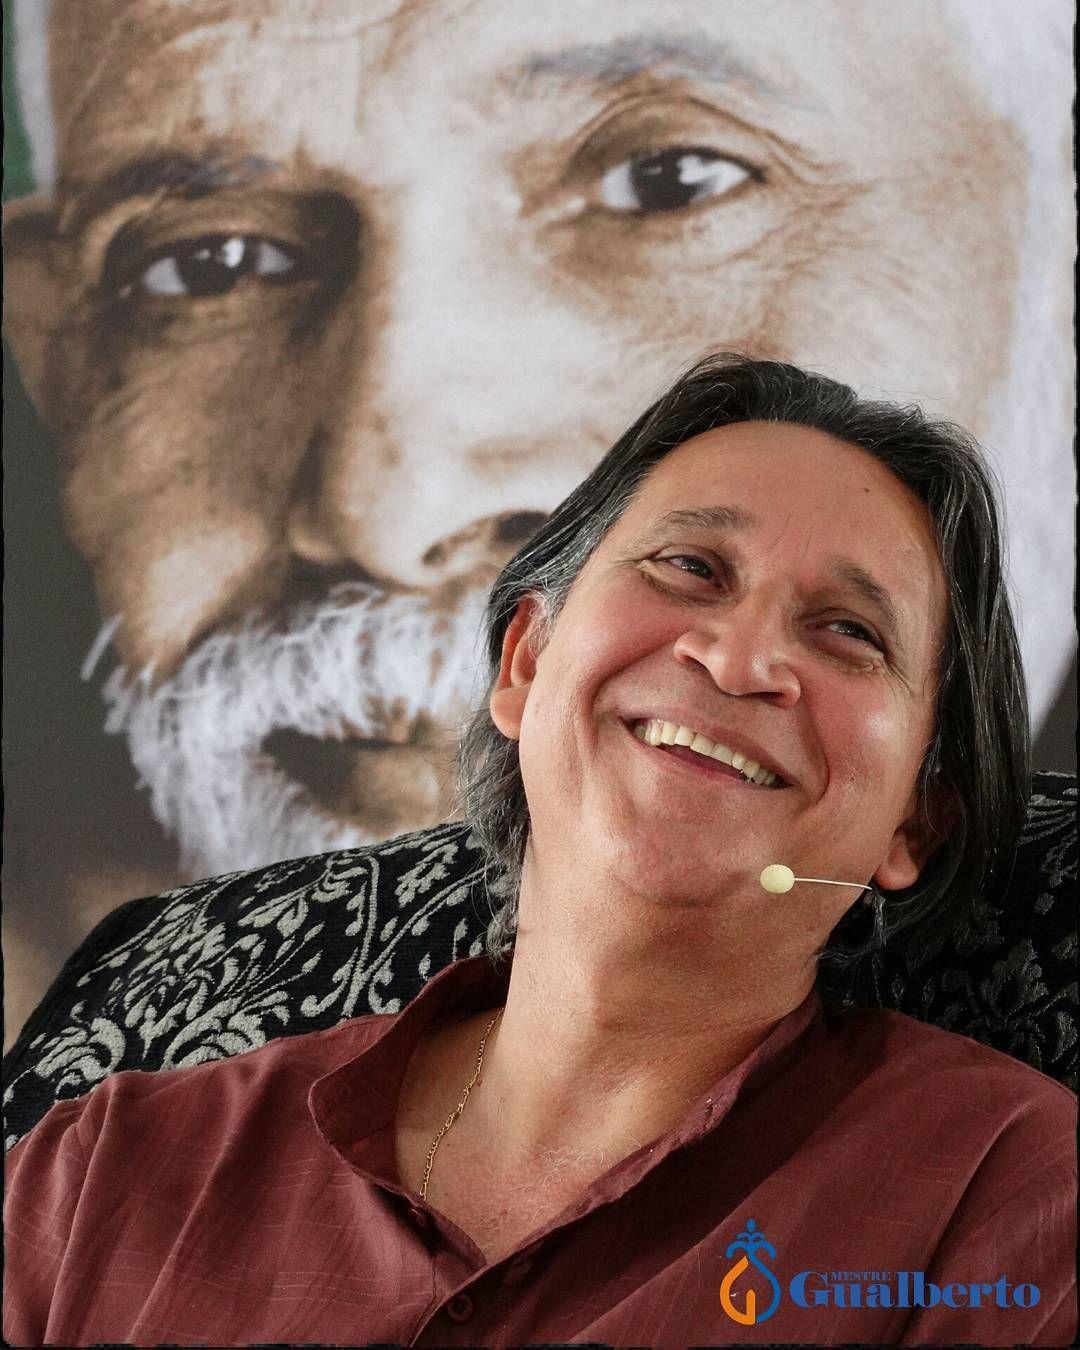 """Real Freedom is not the absence of anything but it's just the end of the illusion of separateness.M. Gualberto  """"A real liberdade não é a ausência de coisa alguma é apenas o fim da ilusão do sentido de separatividade.""""    #ramanashramgualberto #mestregualberto #satsang #ramana #ramanamaharshi #guru #ramdass #pranayama #buda #goodvibes #anandamayi #whoami #zen #meditation #awareness #fé #selfinquiry #artedeviver #ego #krishna #yogainspiration #nisargadattamaharaj #om #maya #meditação…"""